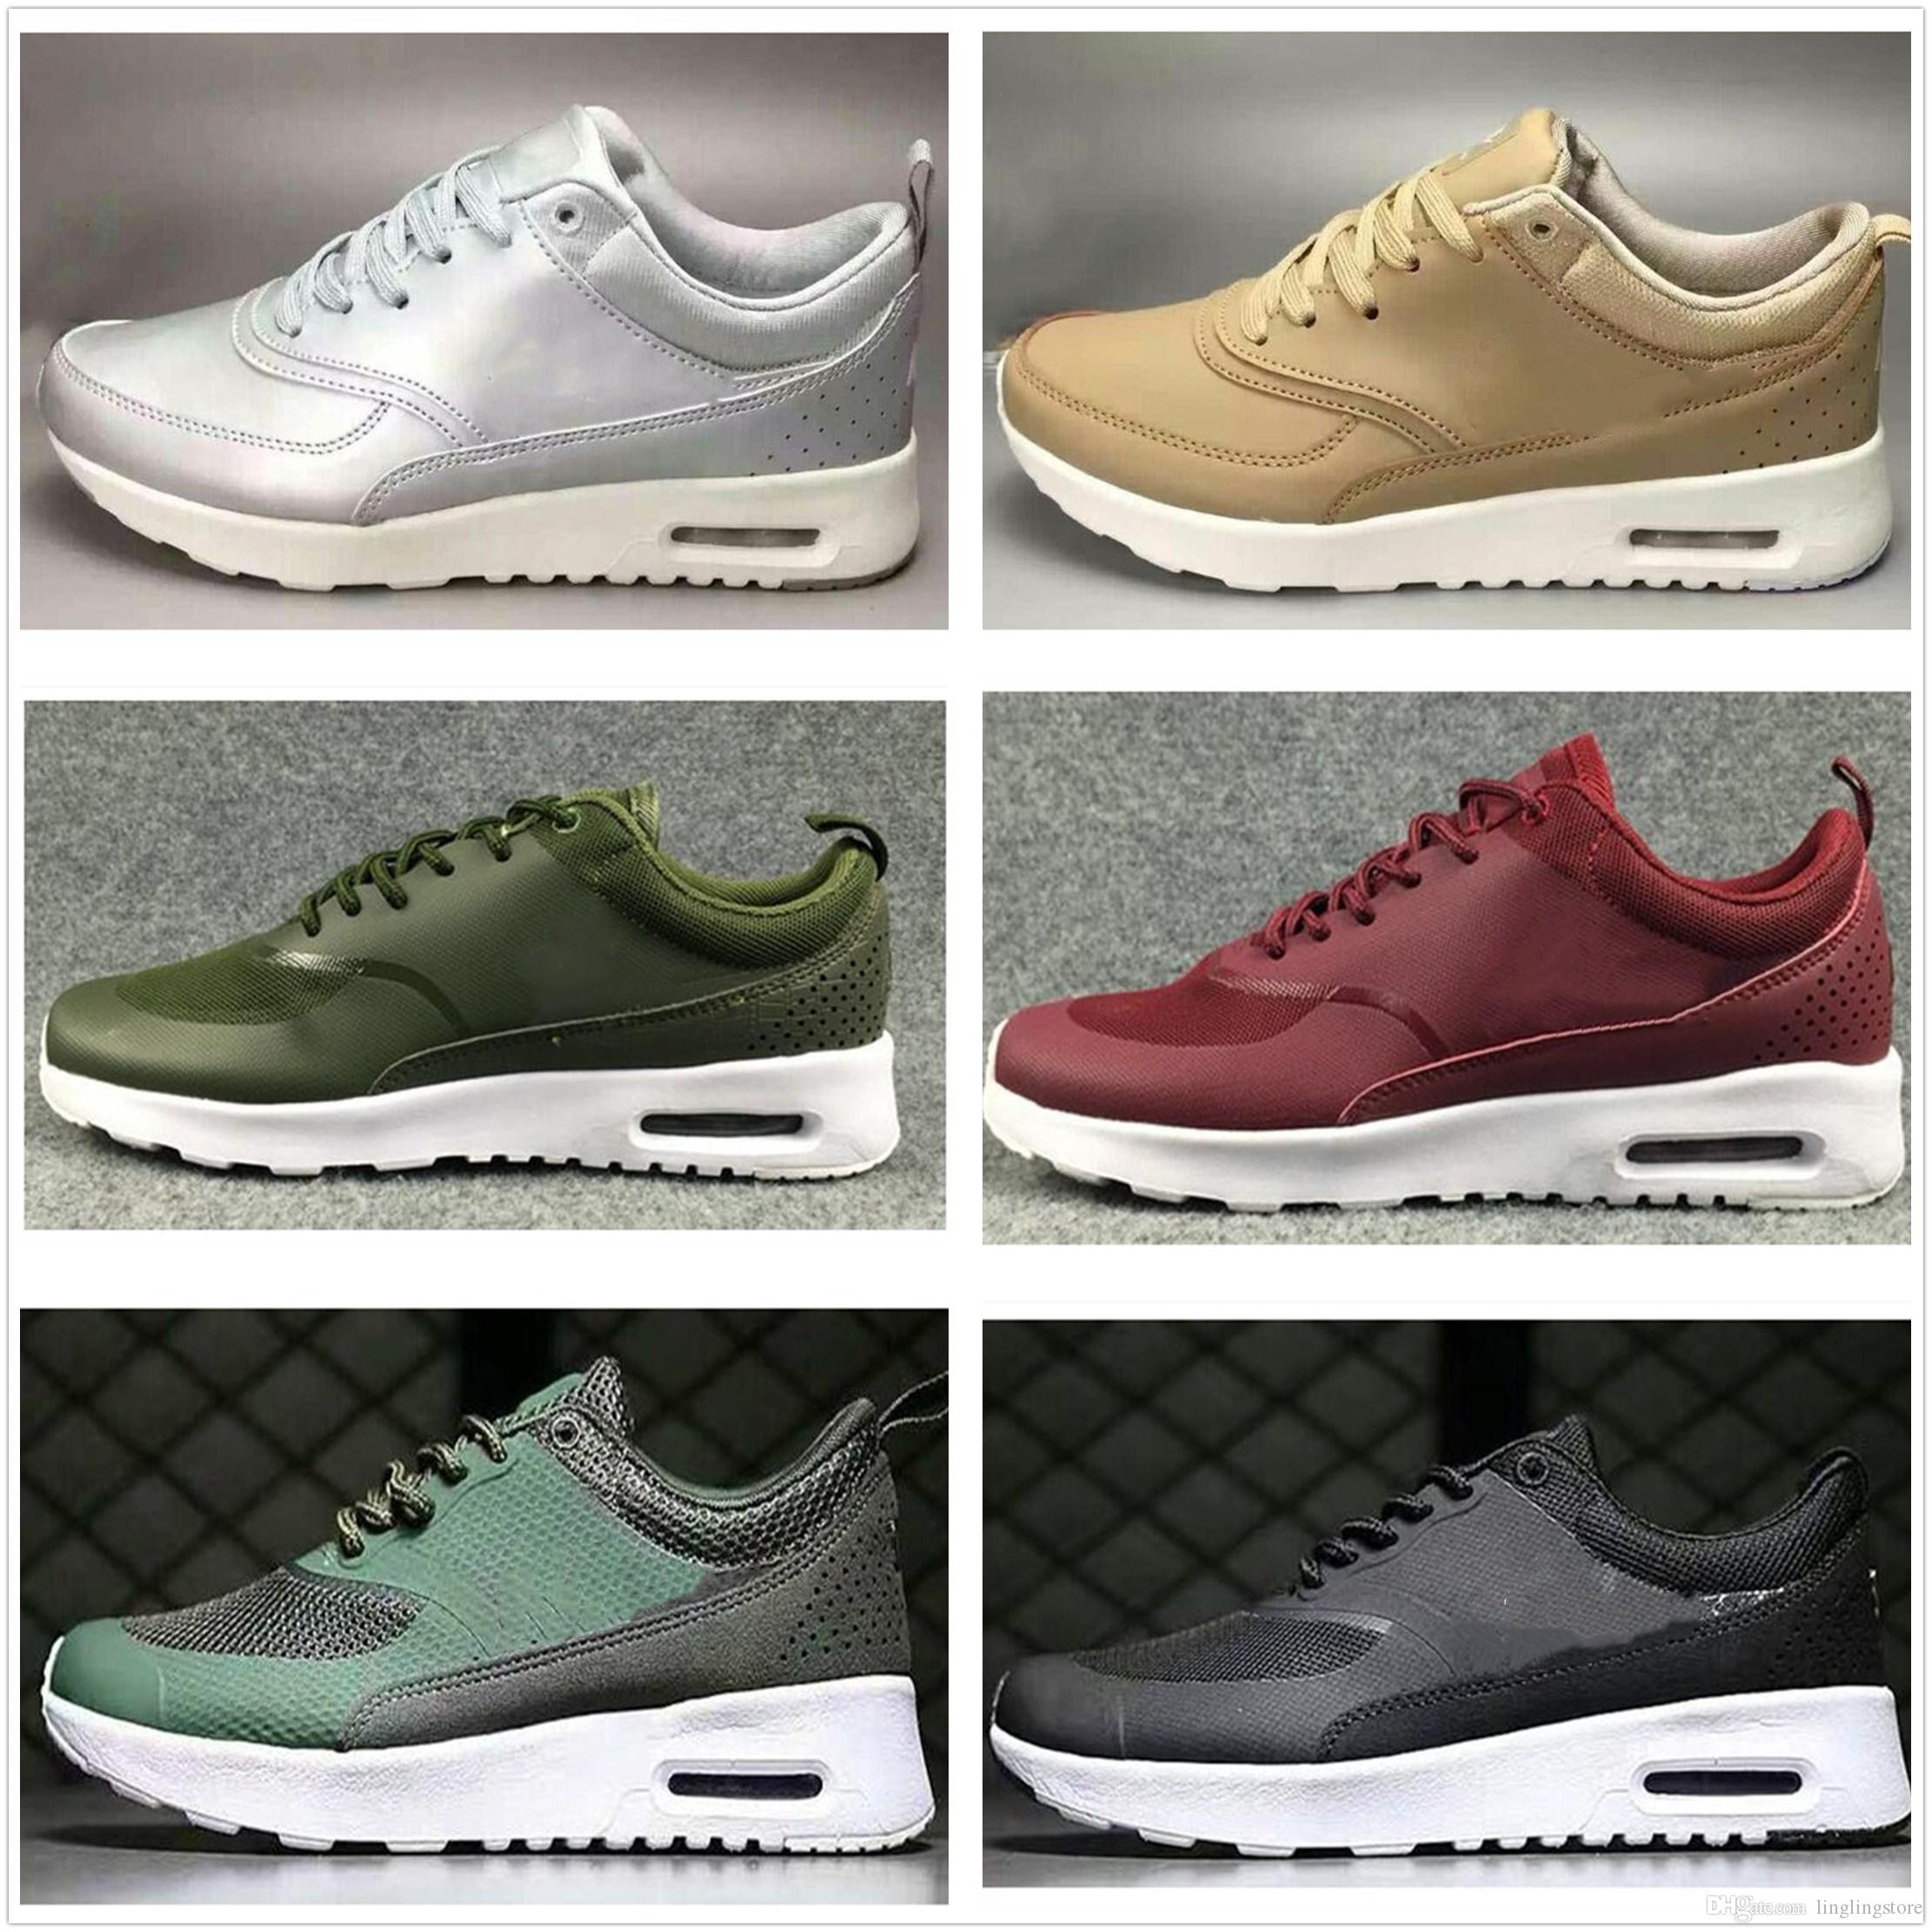 0fe468bb79d33 Großhandel Nike Air Max Airmax 87 2018 Billig Heißer Verkauf Tavas Se 87  Thea Print Männer Schuhe Stiefel Billig Klassisch 90 Camouflage Frauen ...